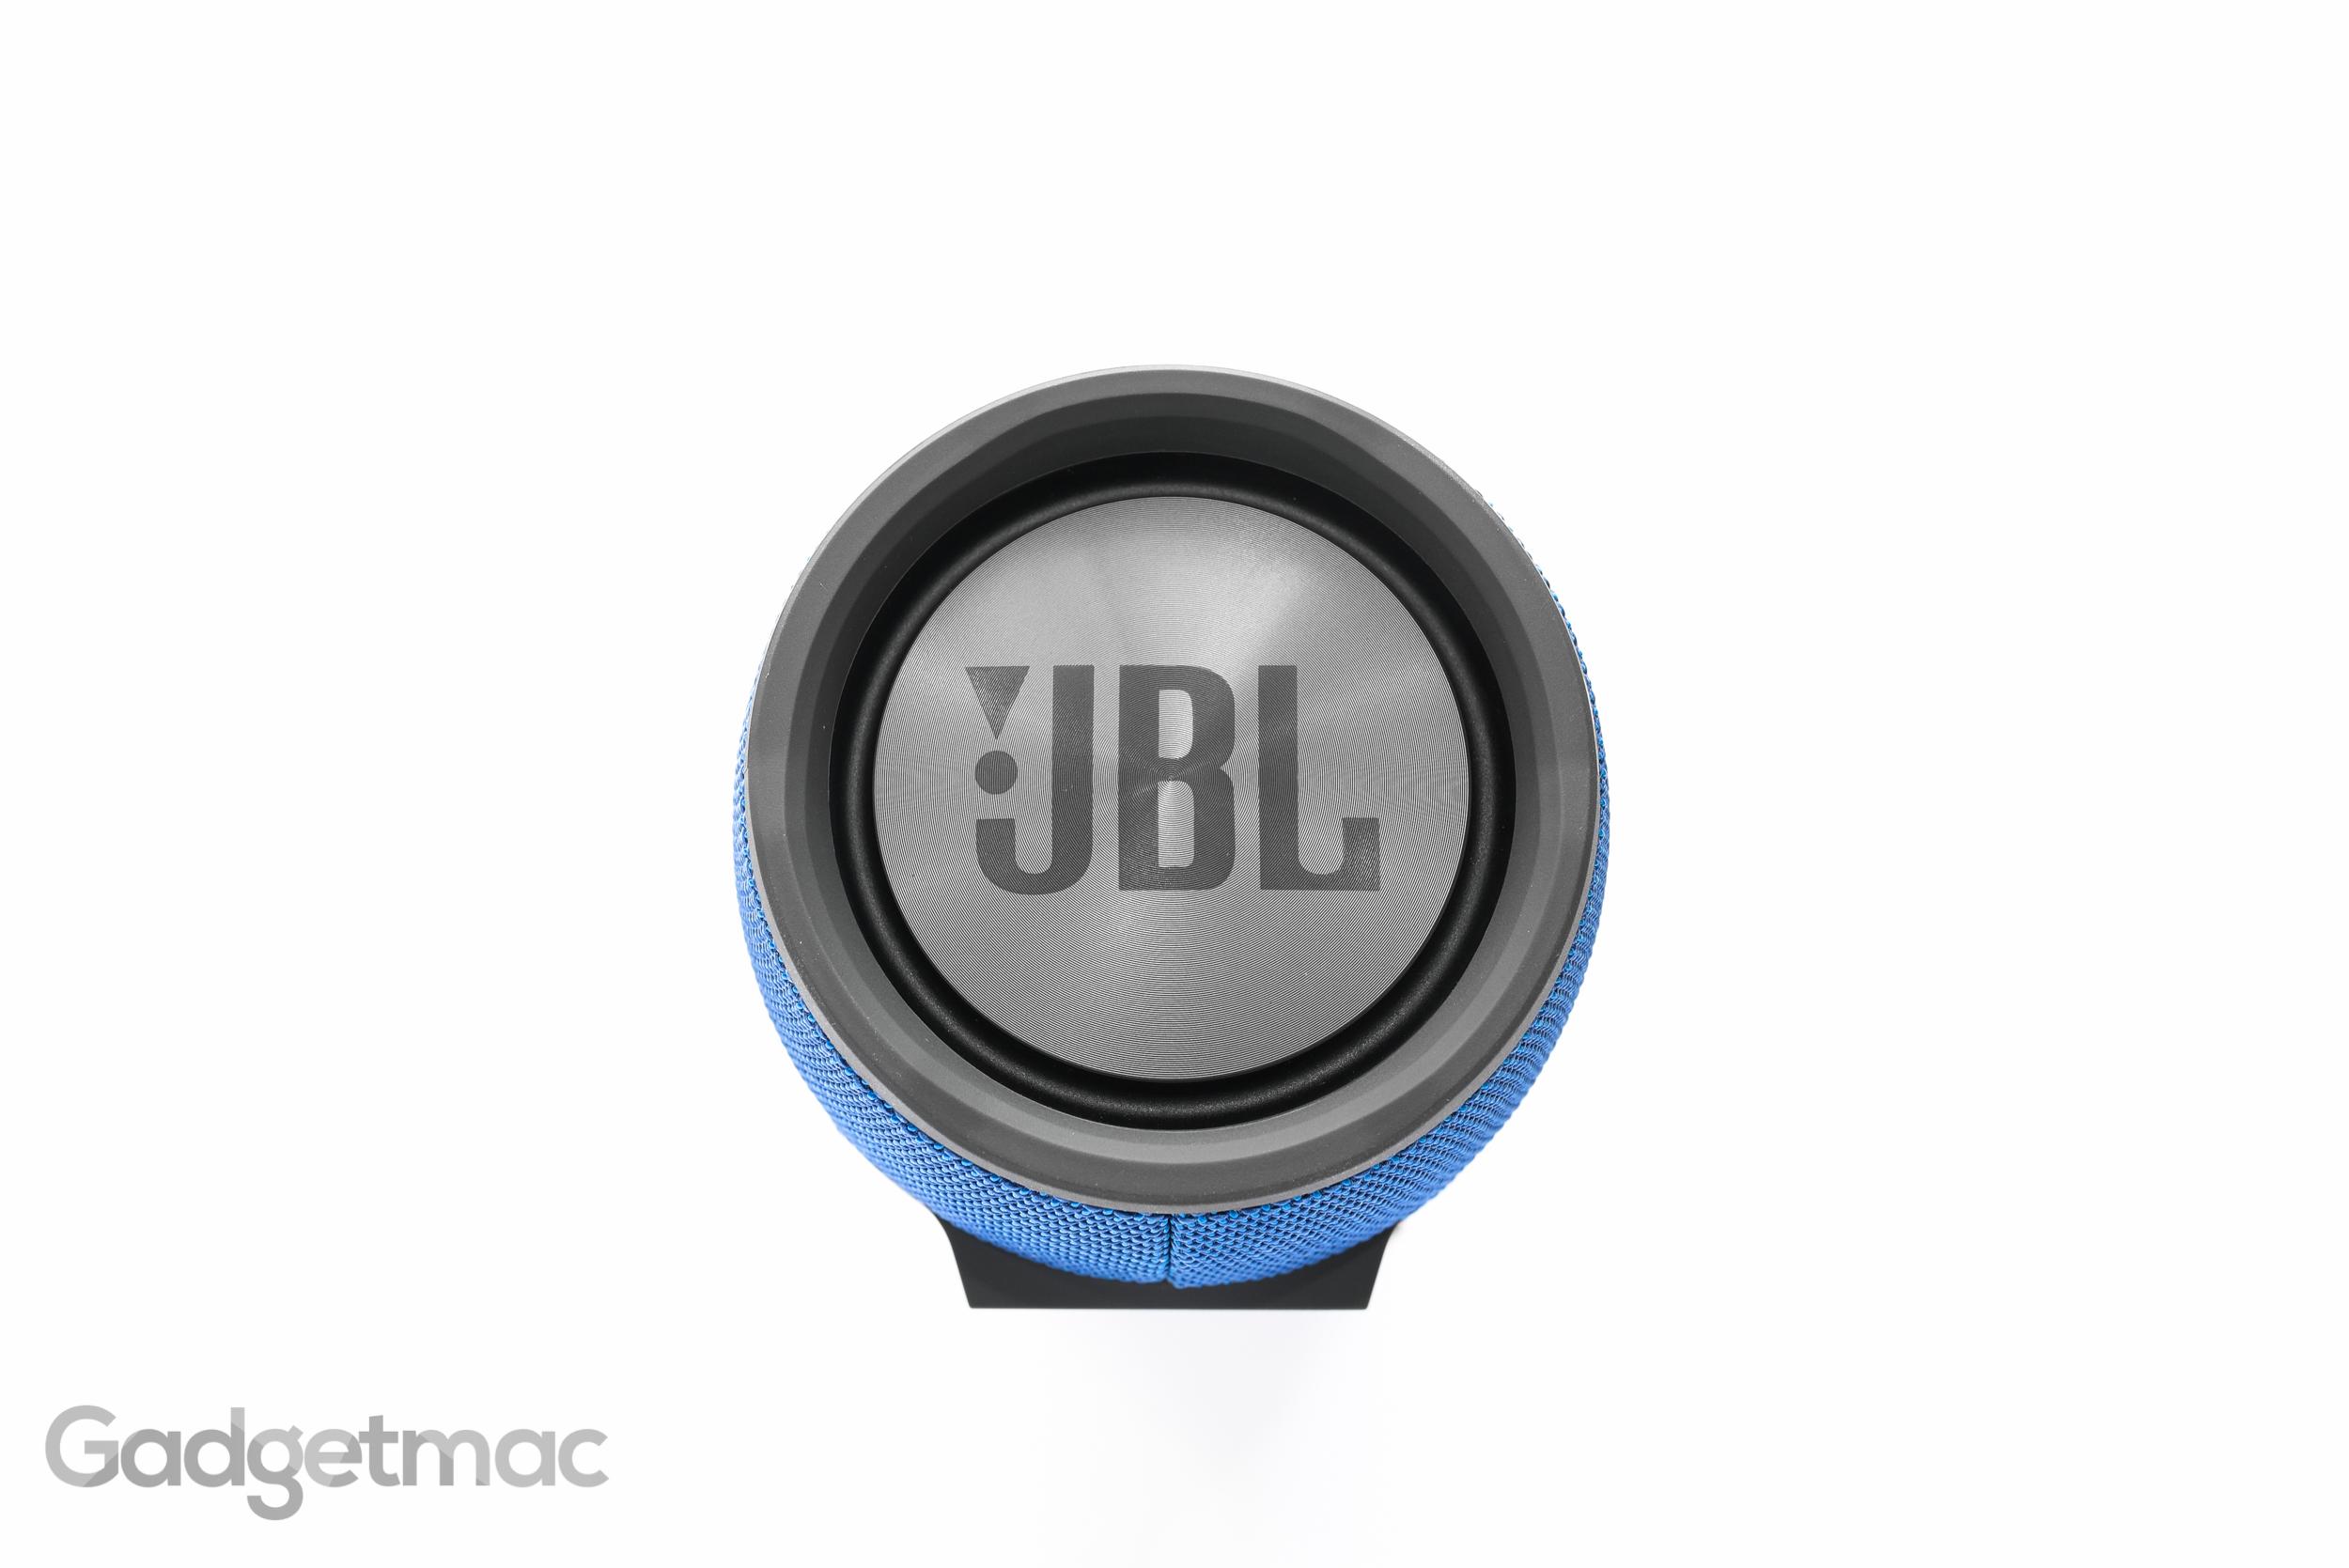 jbl-xtreme-portable-speaker-side-passive-bass-radiator.jpg